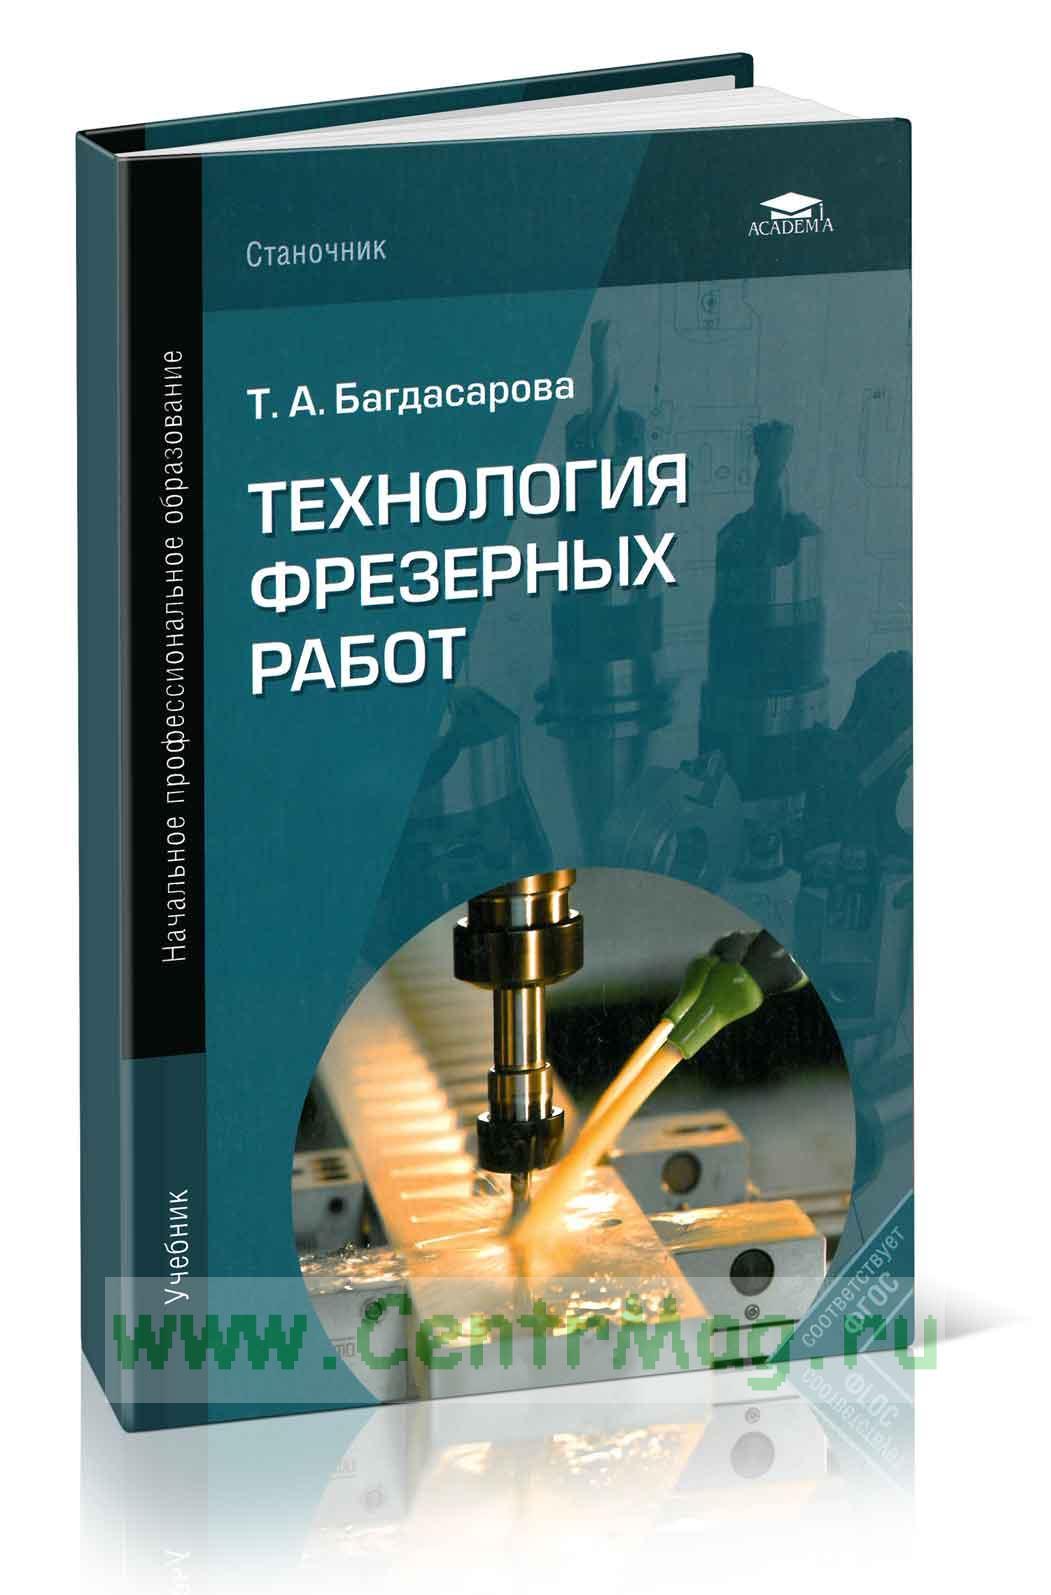 Технология фрезерных работ: учебник (2-е издание, переработанно)